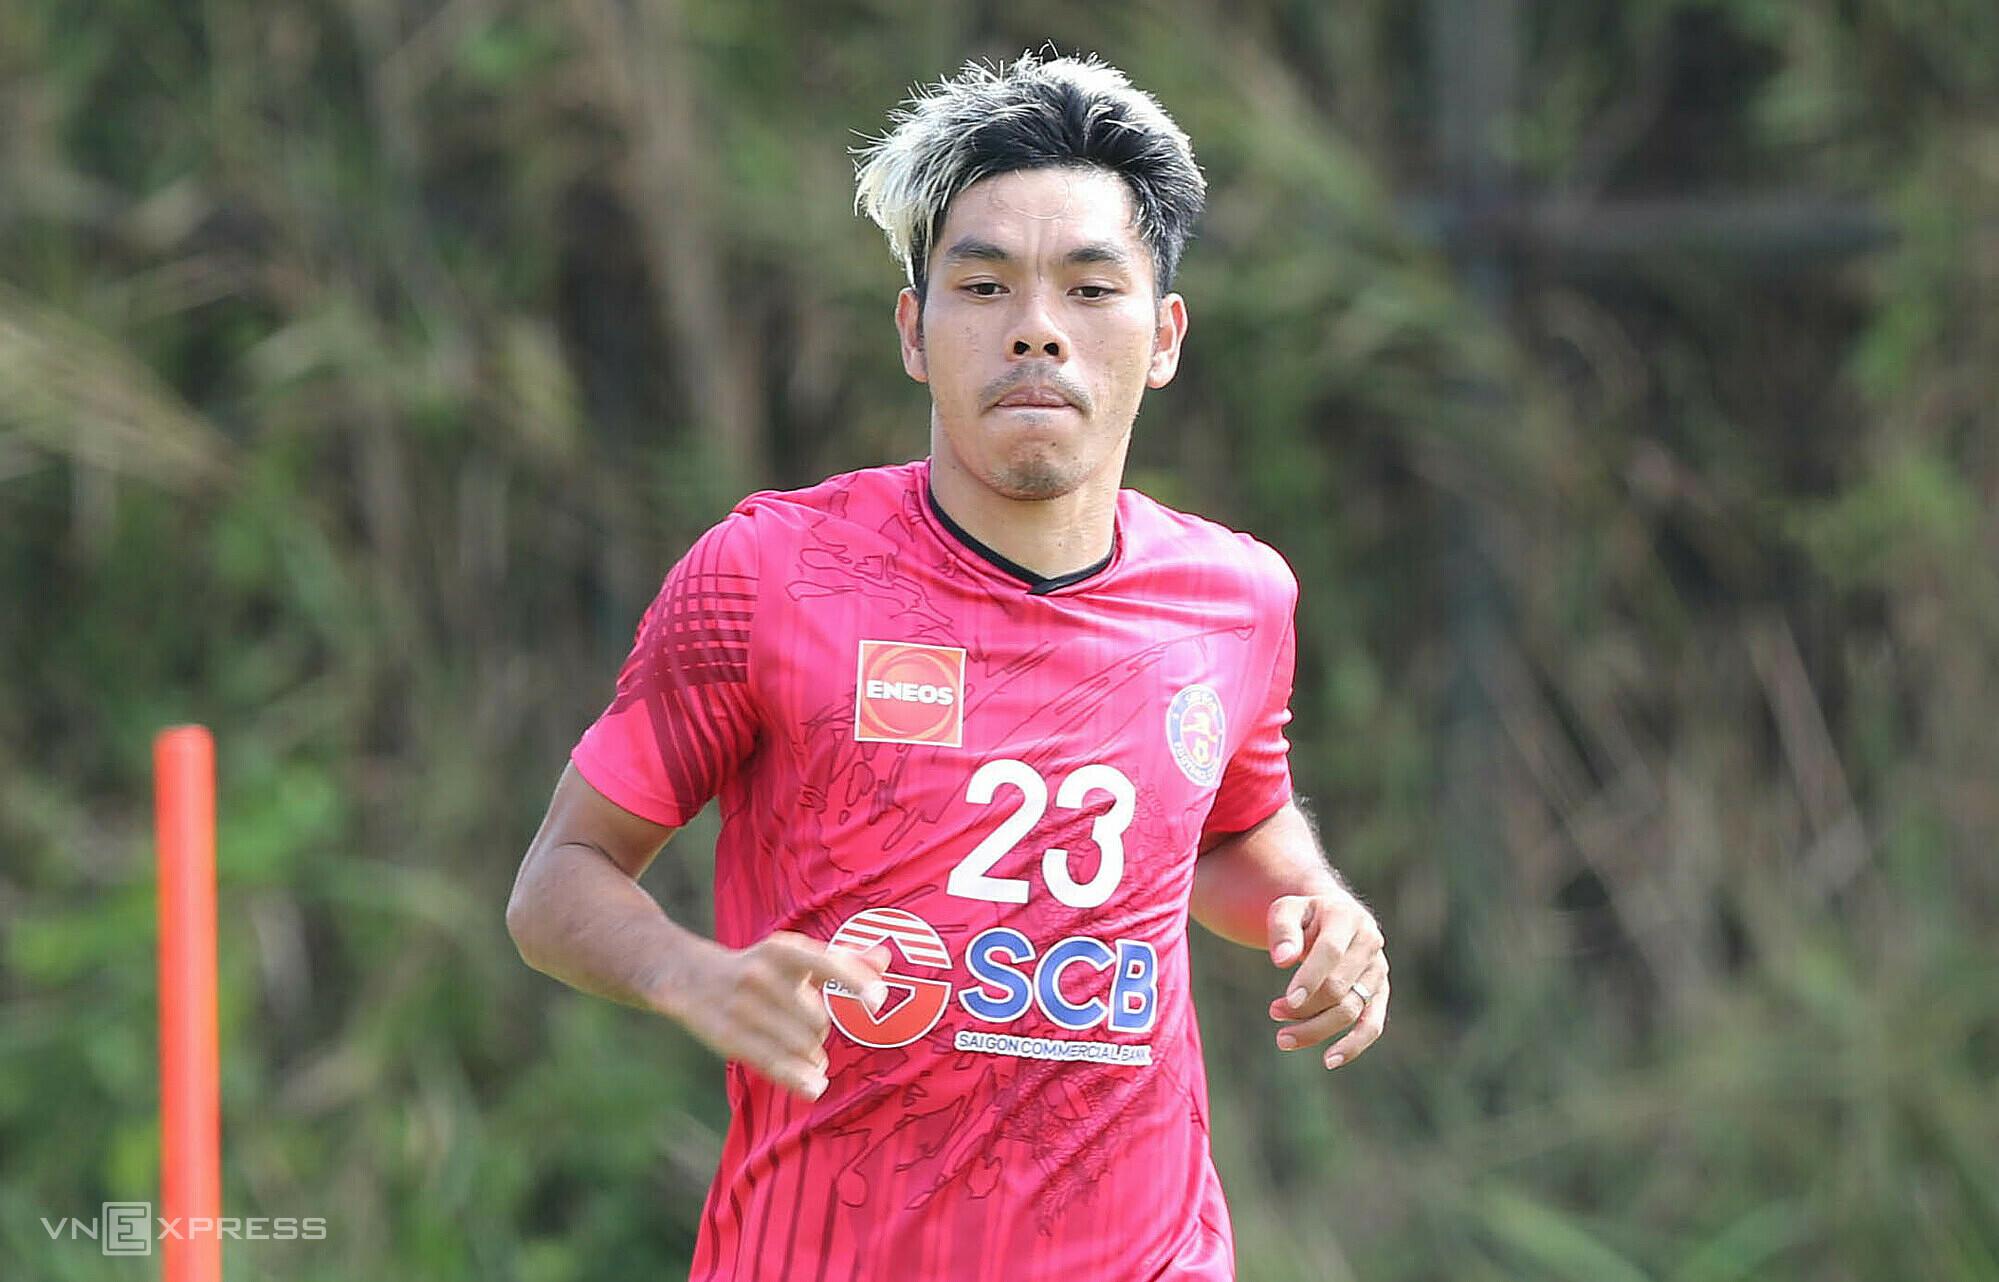 Cao Van Trien adalah pemain pertama dari Saigon FC yang dibawa ke Jepang untuk bermain di J-League 2 pada Juli 2021.  Foto: Duc Dong.